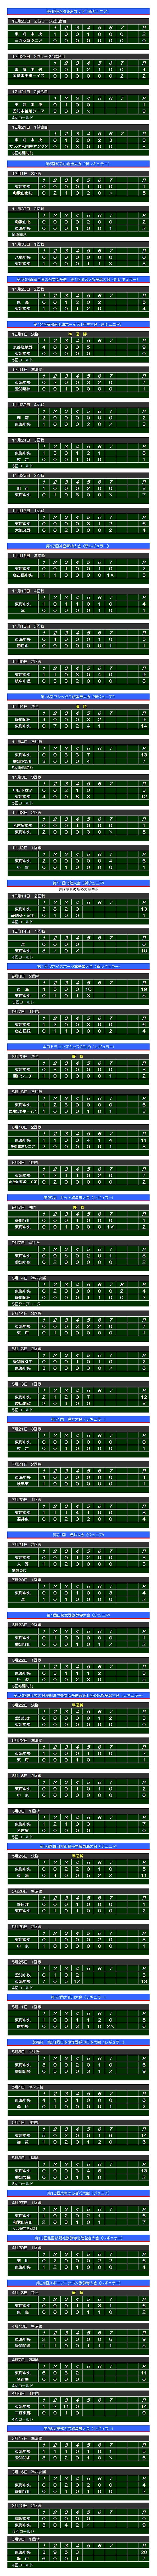 2019試合結果.png